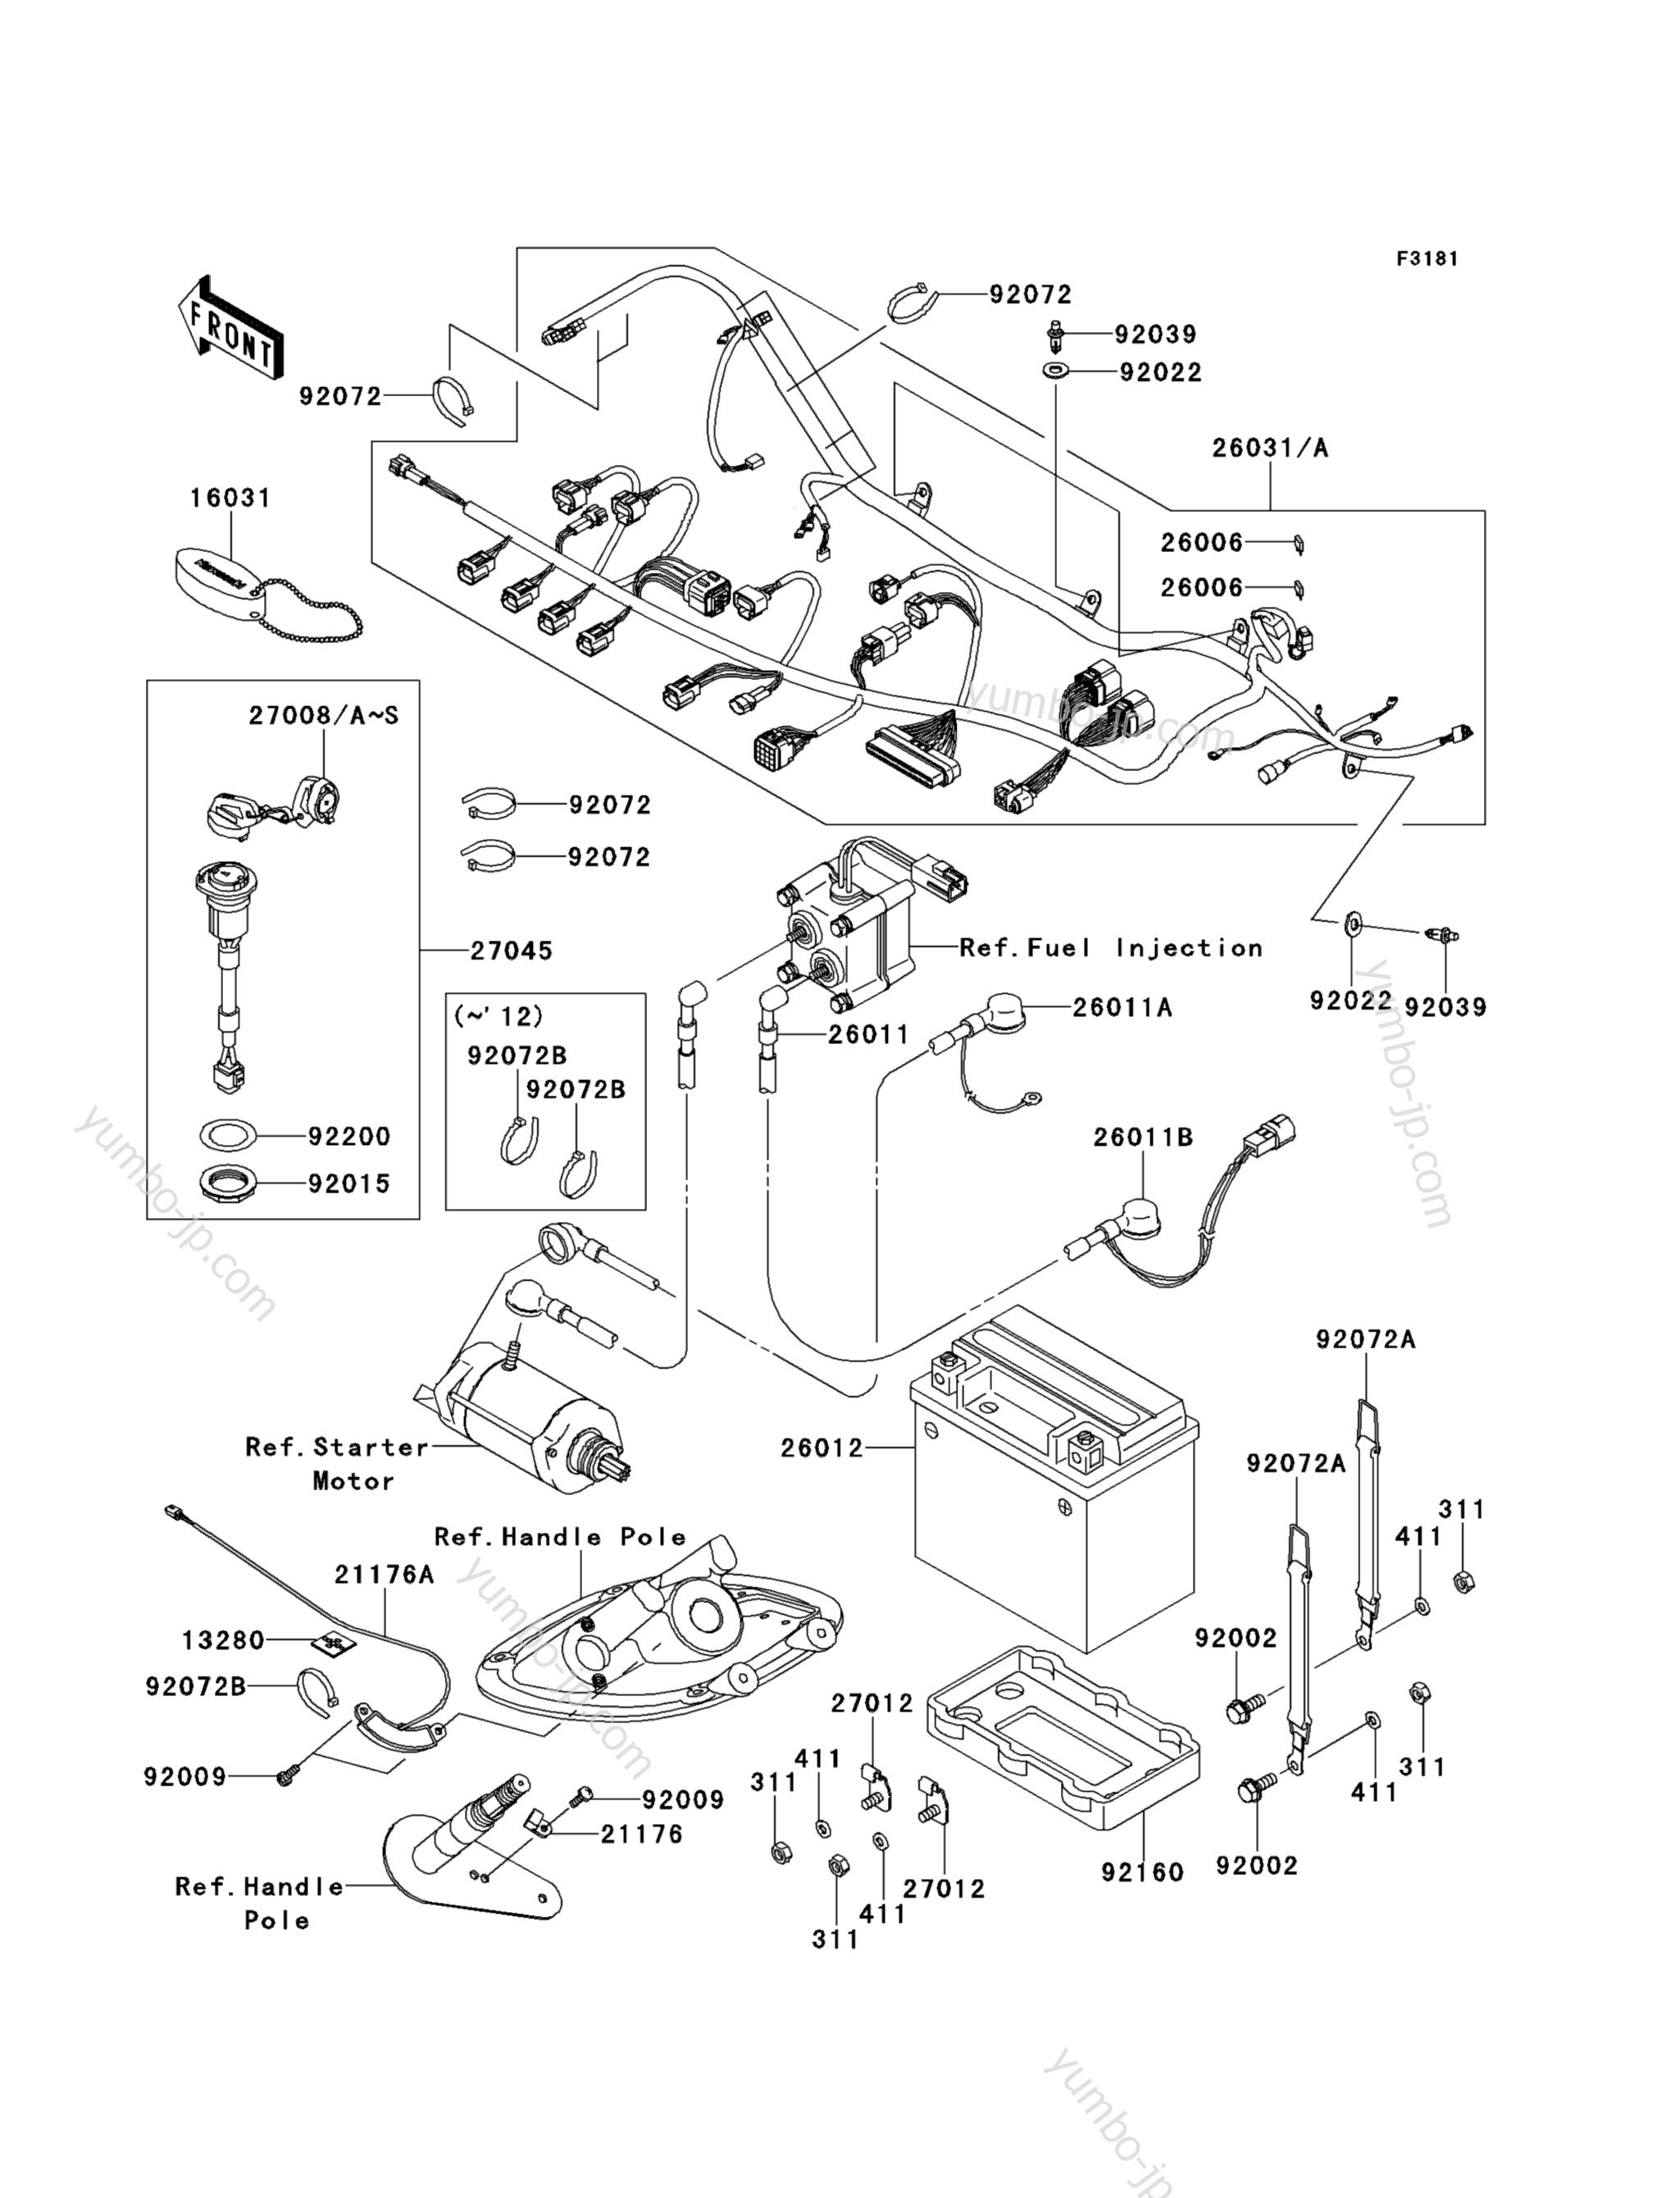 Electrical Equipment для гидроциклов KAWASAKI JET SKI STX-15F (JT1500ADF) 2013 г.